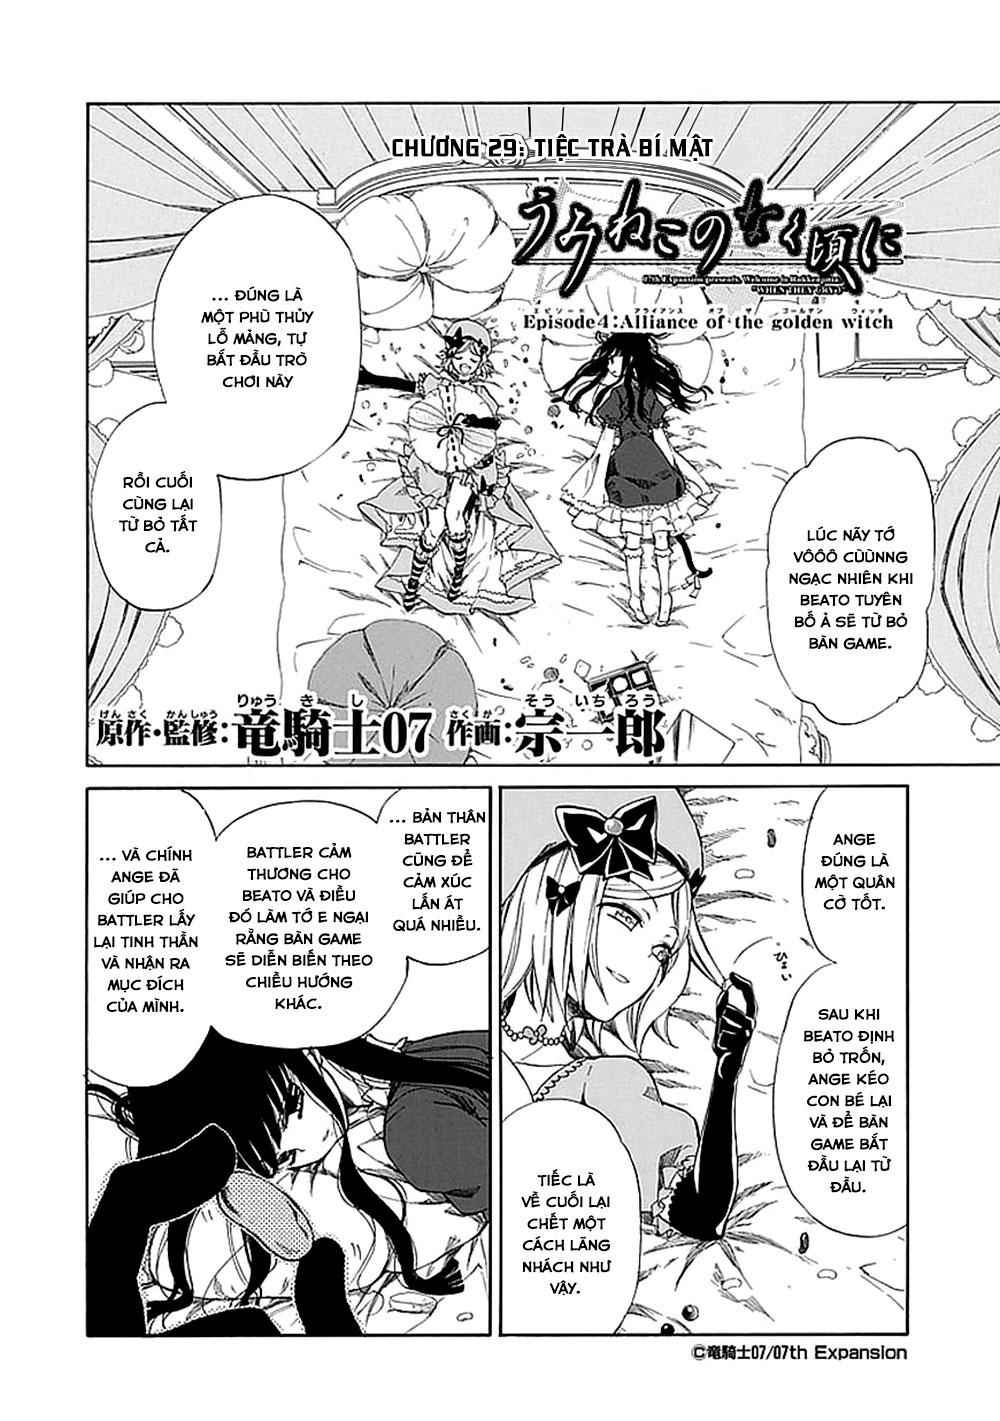 Umineko no Naku Koro ni Episode 2: Turn of the Golden Witch chap 29 - Trang 3